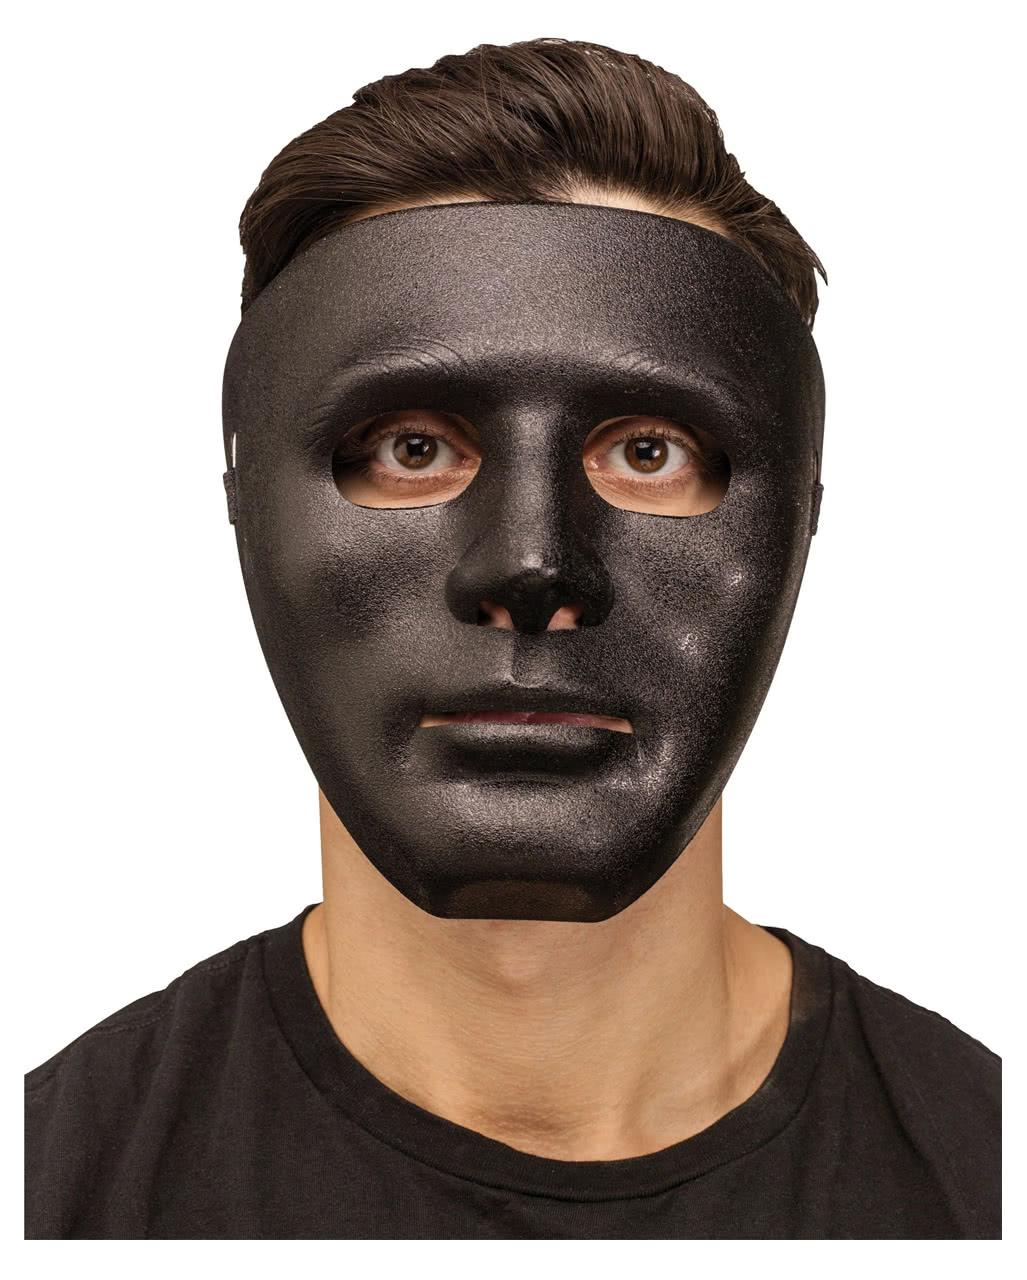 schwarze gesichtsmaske faschings maske karneval universe. Black Bedroom Furniture Sets. Home Design Ideas